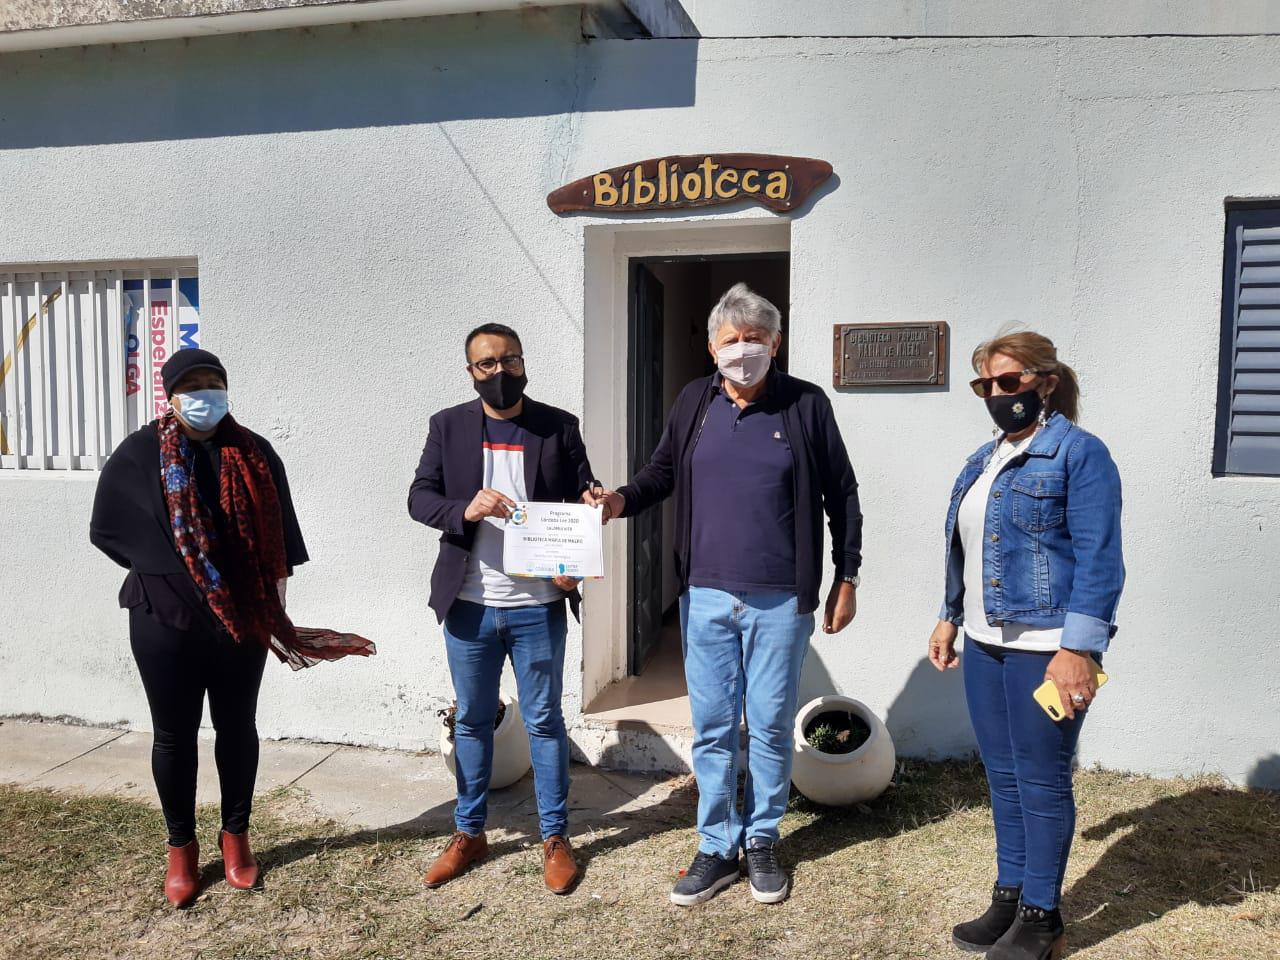 El presidente de la Comunidad Regional Calamuchita, Carlos Alesandri, Entregando Materiales a la Comuna de Las Caleras